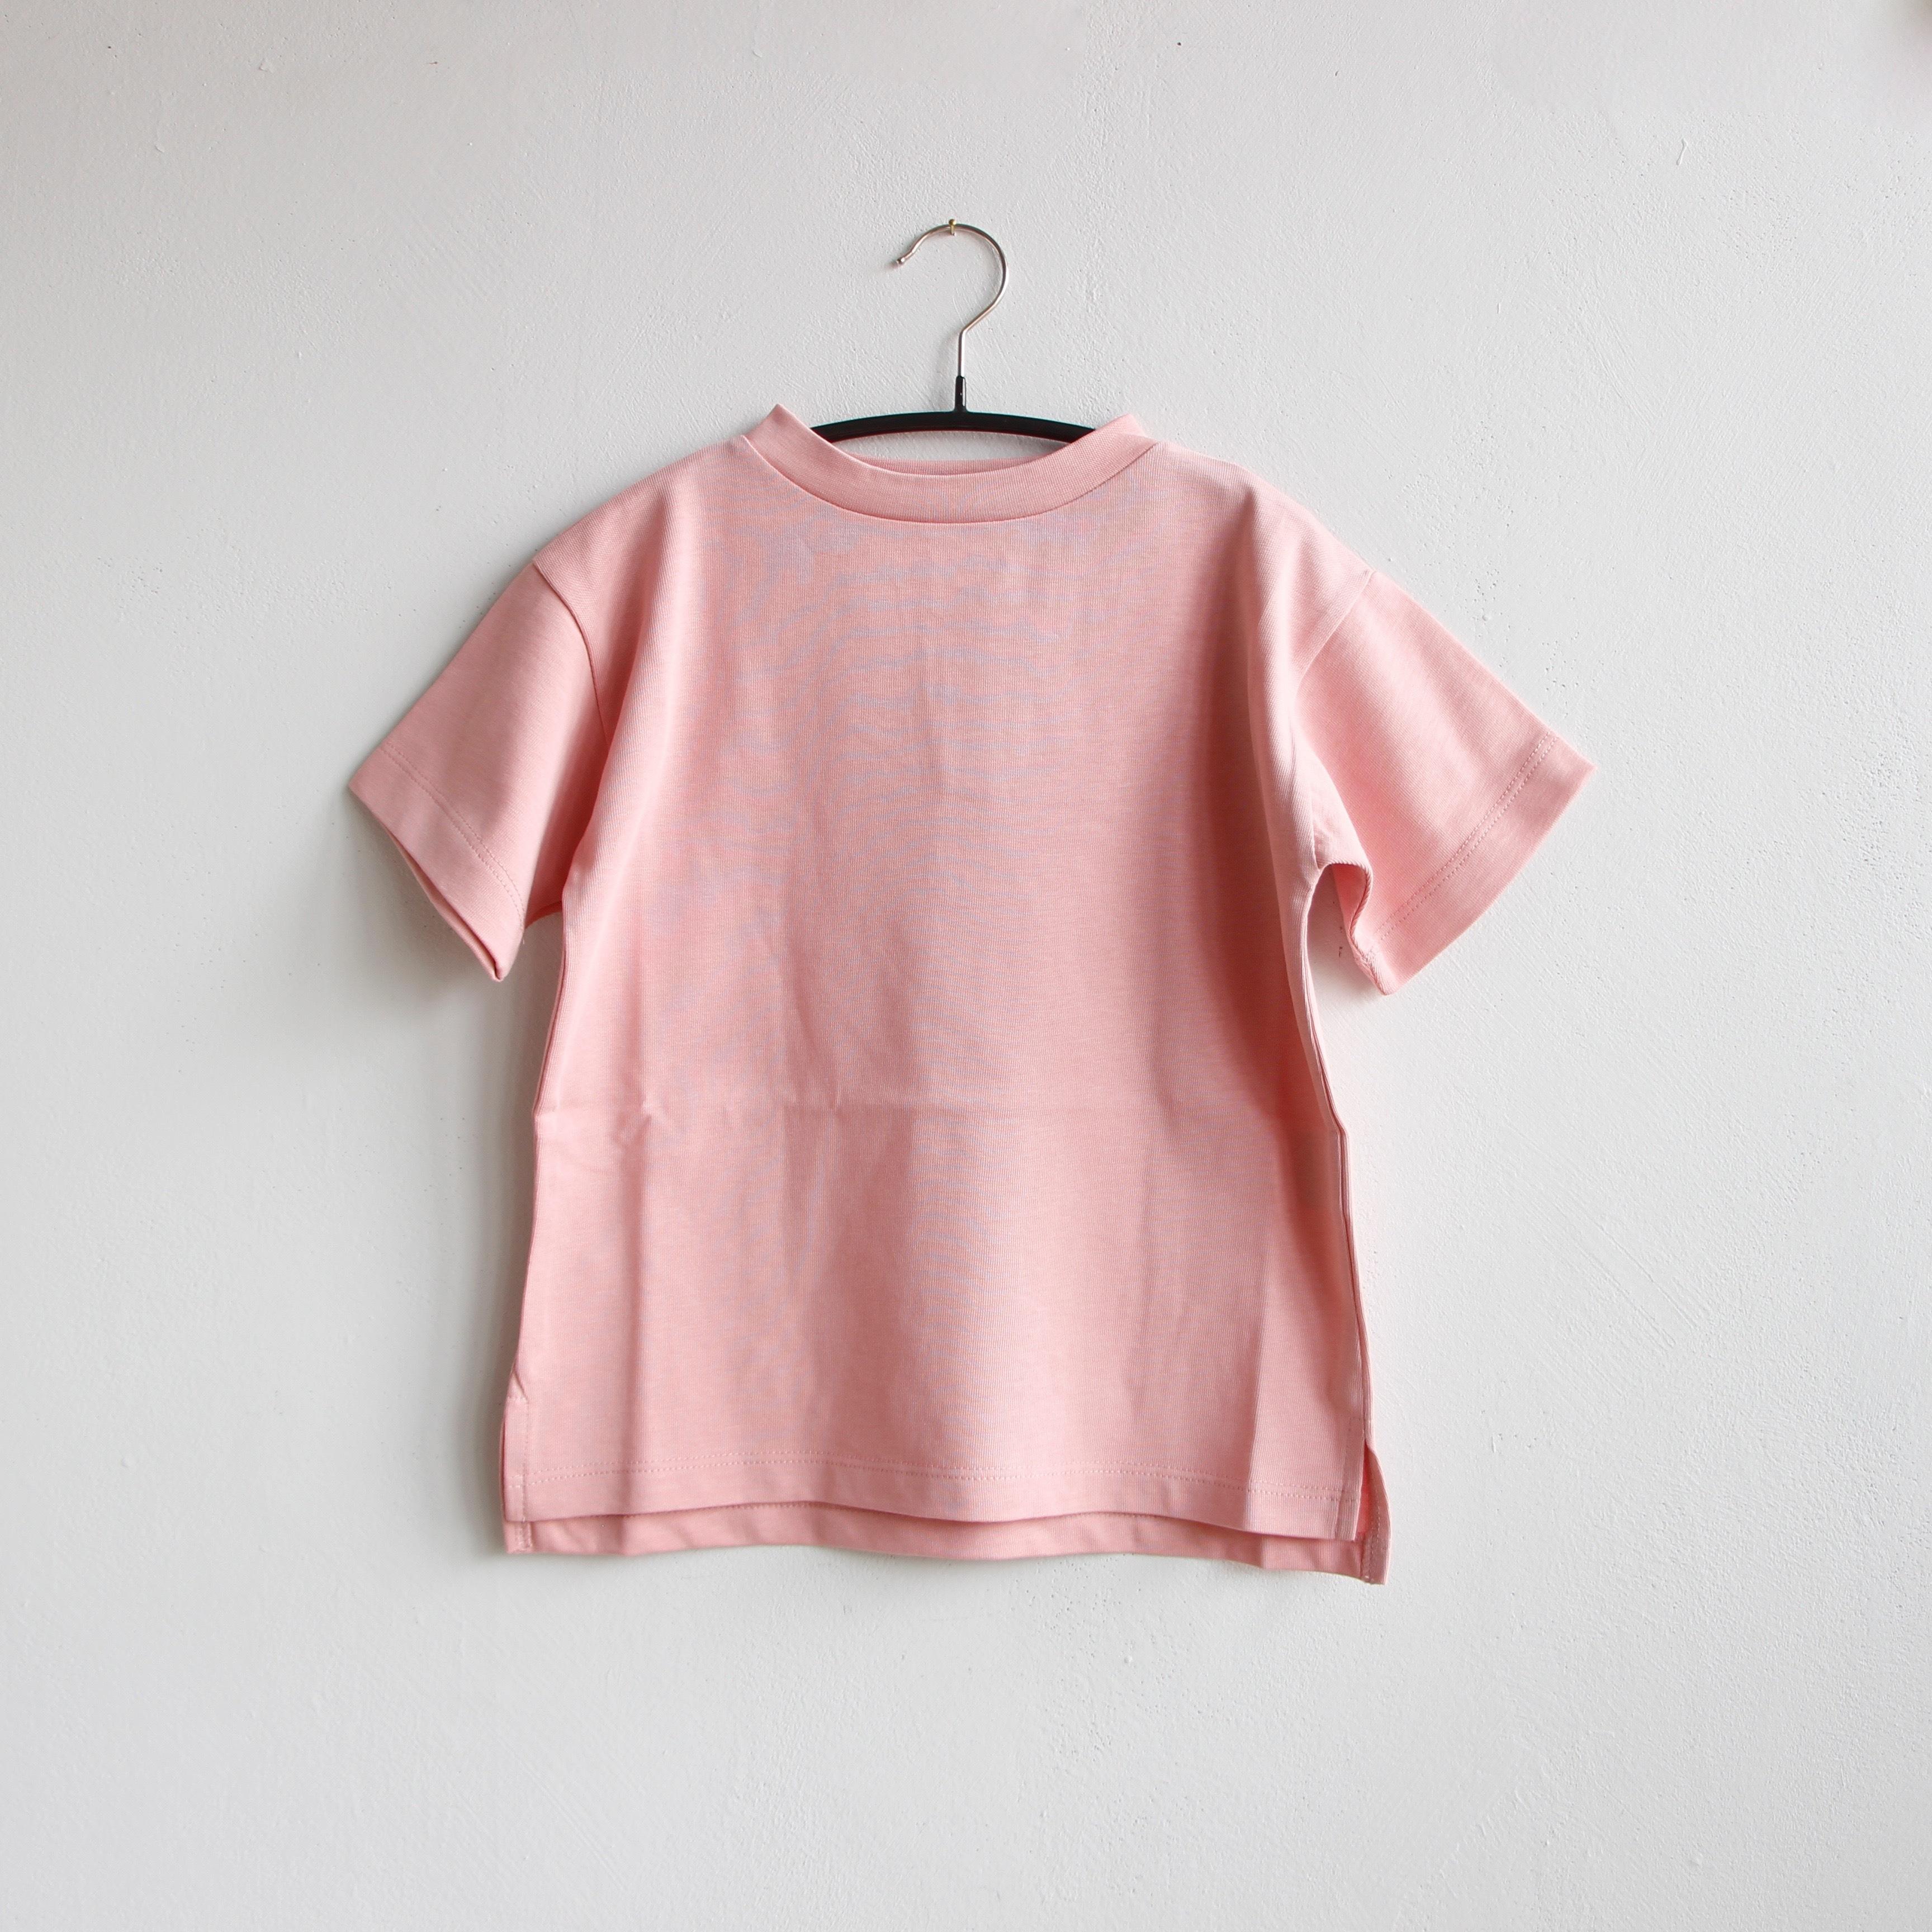 《WAWA 2020SS》Uni Tee / Powder Pink